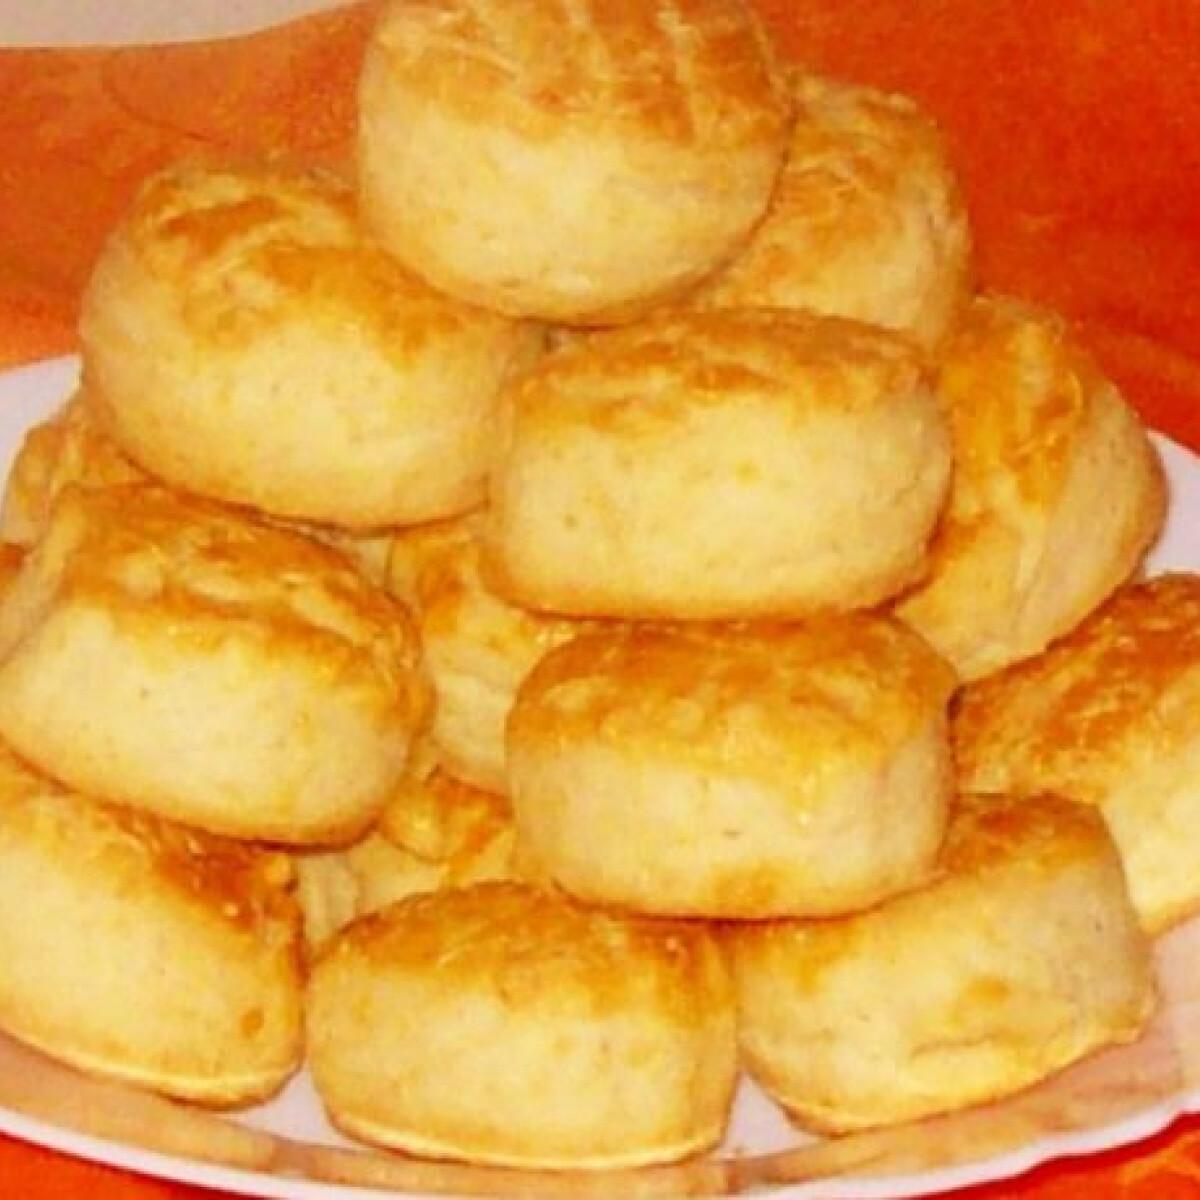 Ezen a képen: Sütőporos pogácsa Edit konyhájából